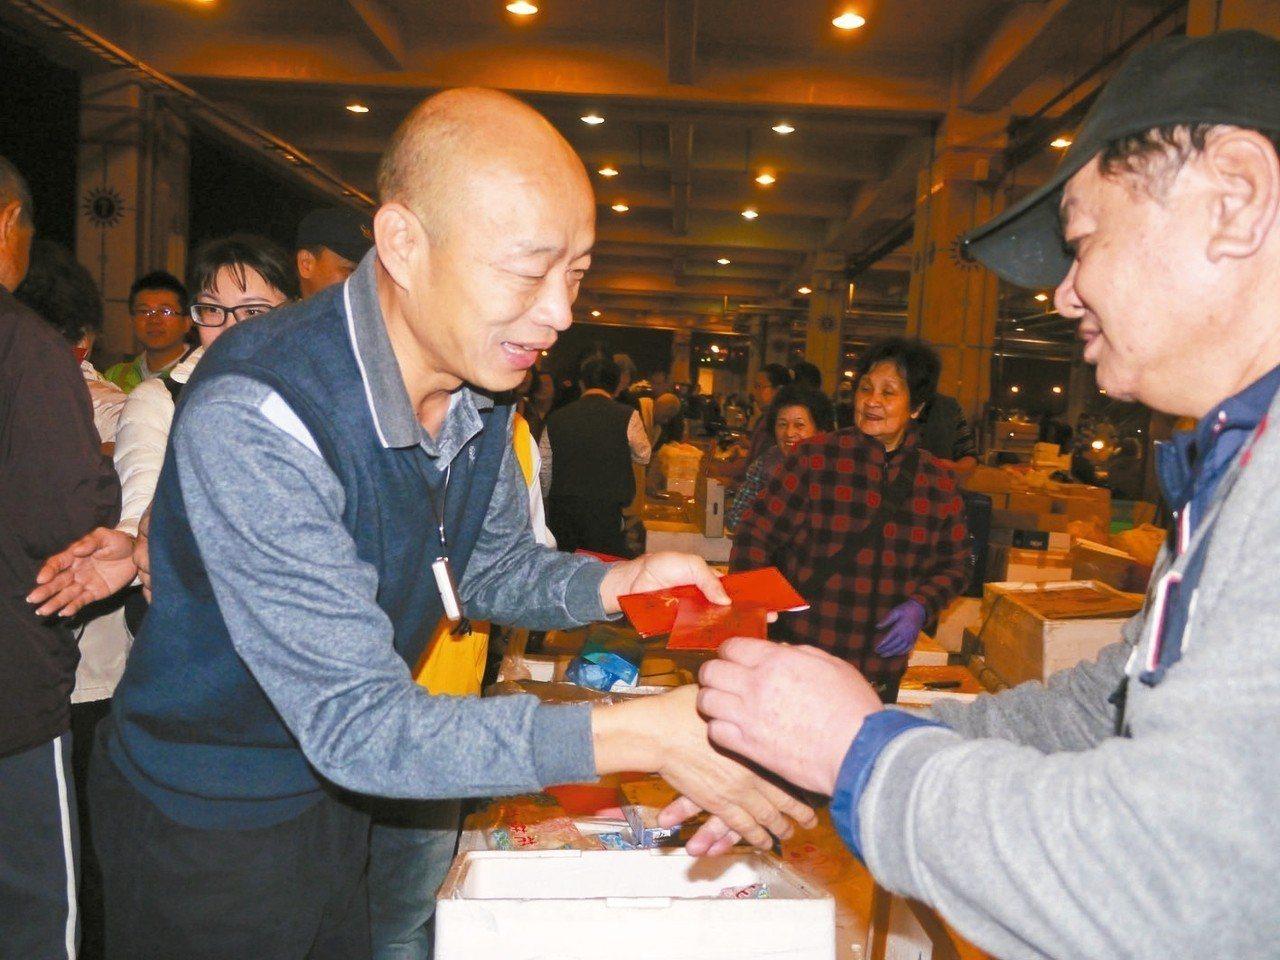 高雄市長韓國瑜(左)初次視察魚市場,發送紅包拜早年。 記者徐白櫻/攝影